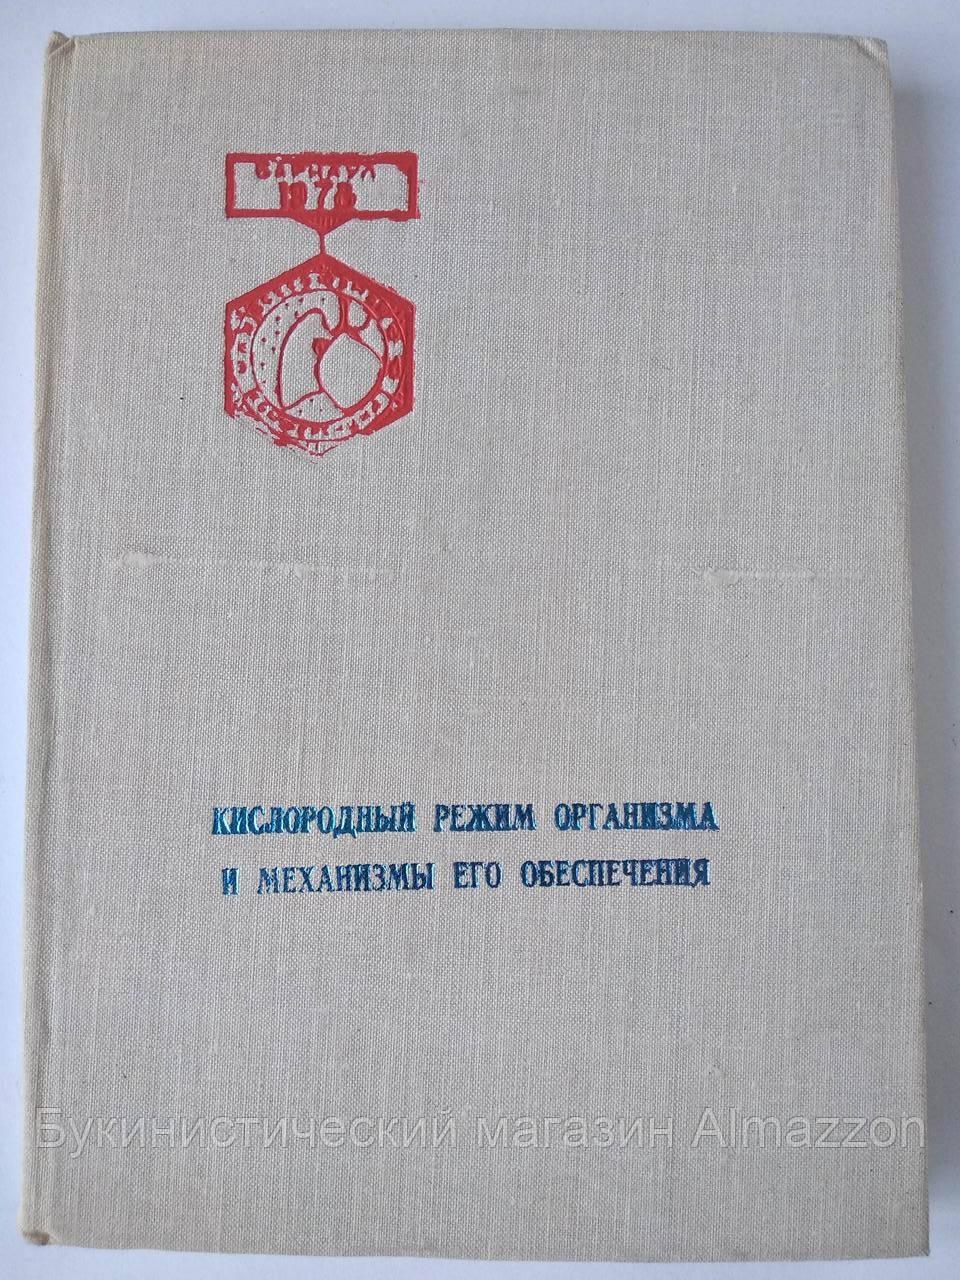 Кислородный режим организма и механизмы его обеспечения Тезисы докладов Конференция 1978 год